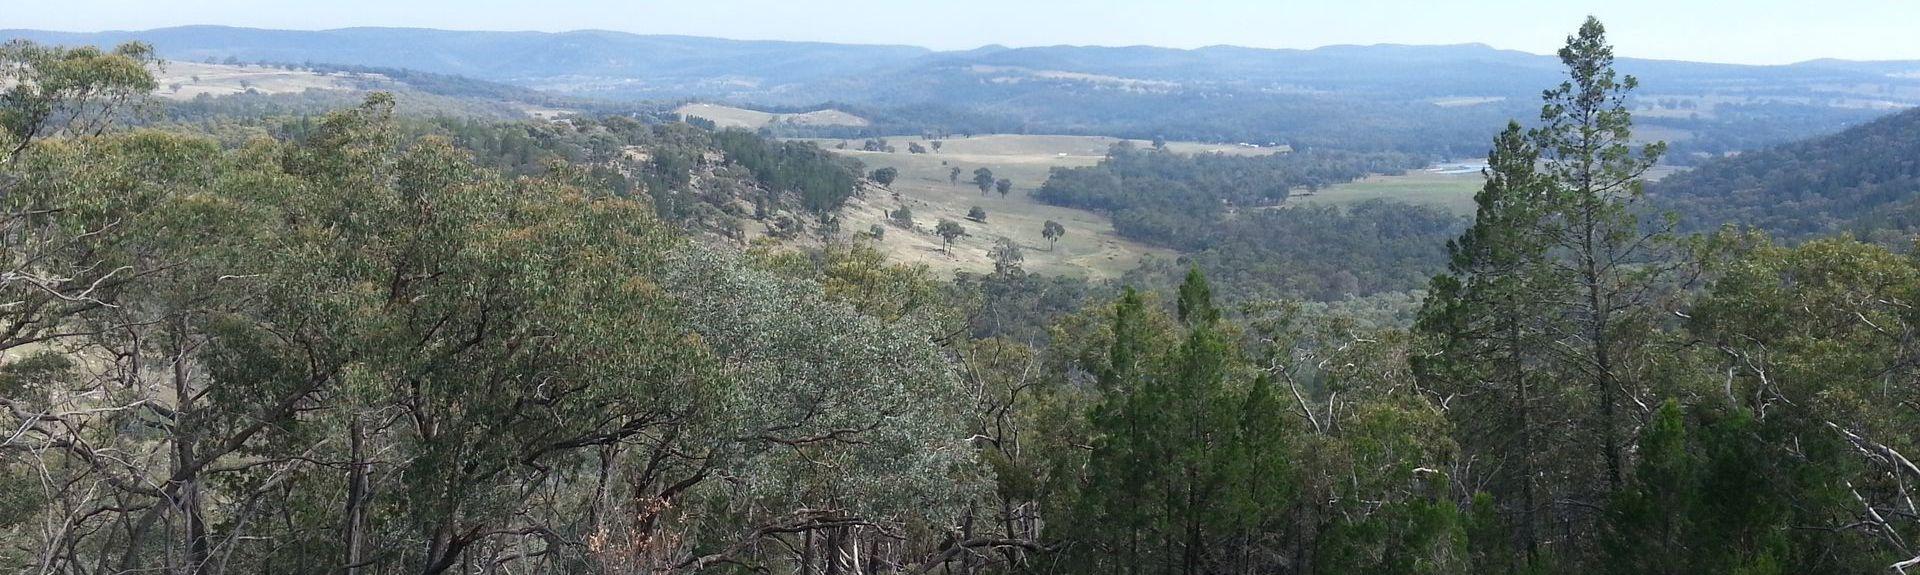 Wooragee, Victoria, Australia